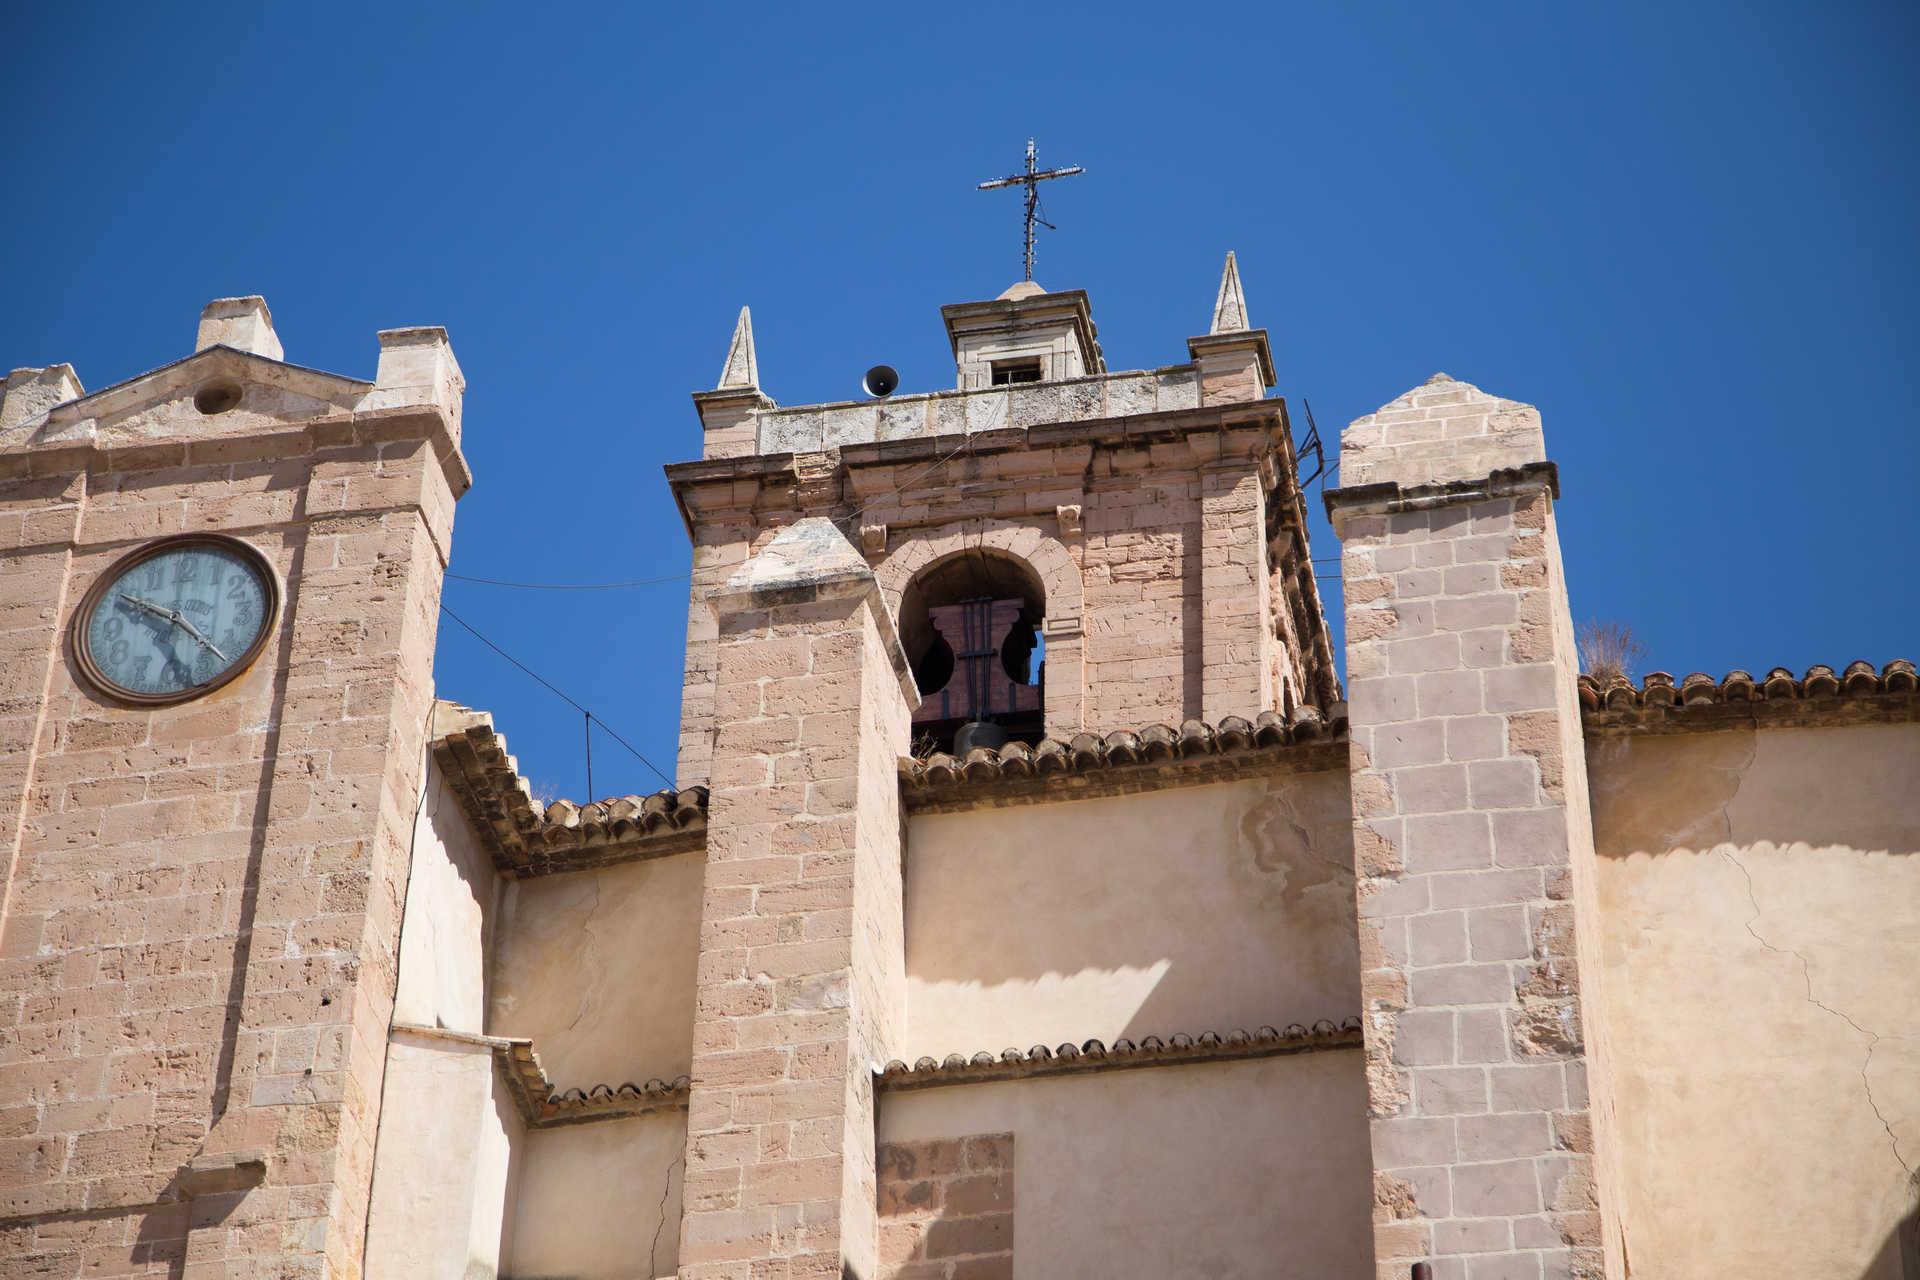 https://multimedia.comunitatvalenciana.com/8D8F2D99DC674DE5A99BF926D525C69D/img/6852EB2993E14A61BE16188CC8DE9BD9/Iglesia_Ntra_Sra_Asuncion_IMG_7666.jpg?responsive